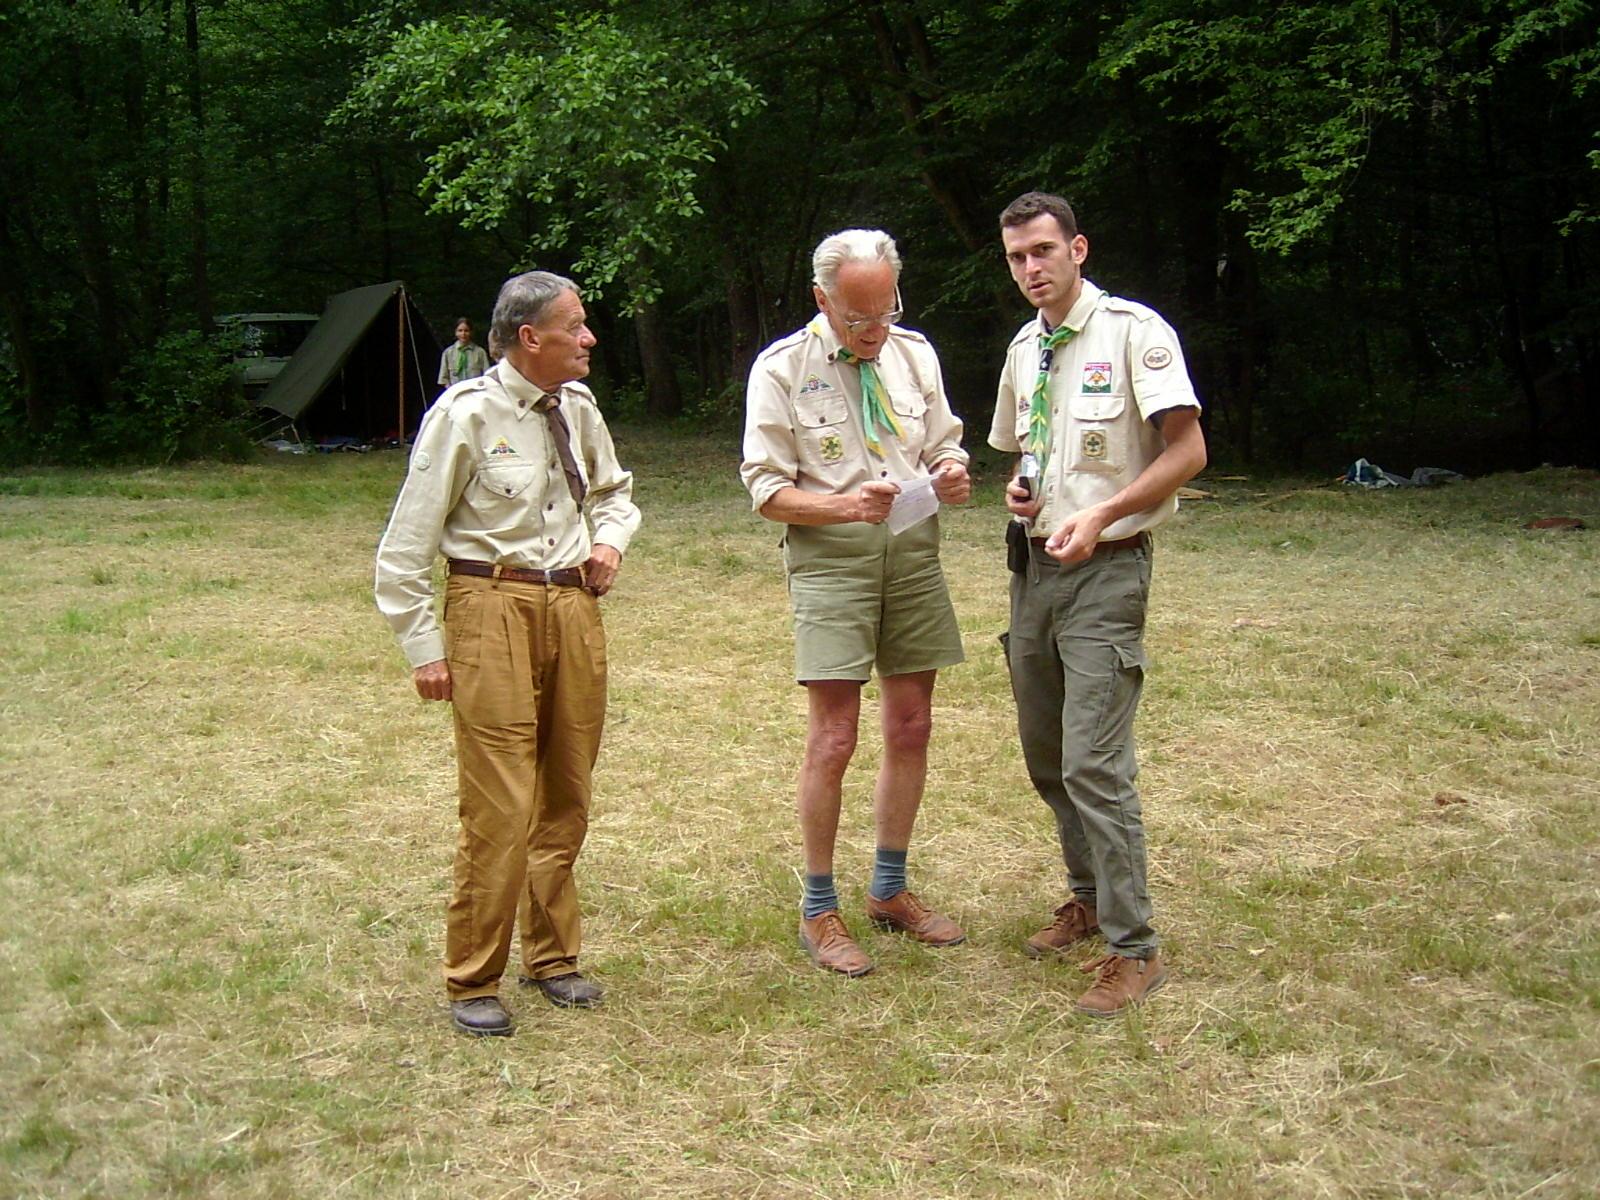 2004-es táborban: Gyurka bá, Herbert bá és Albert